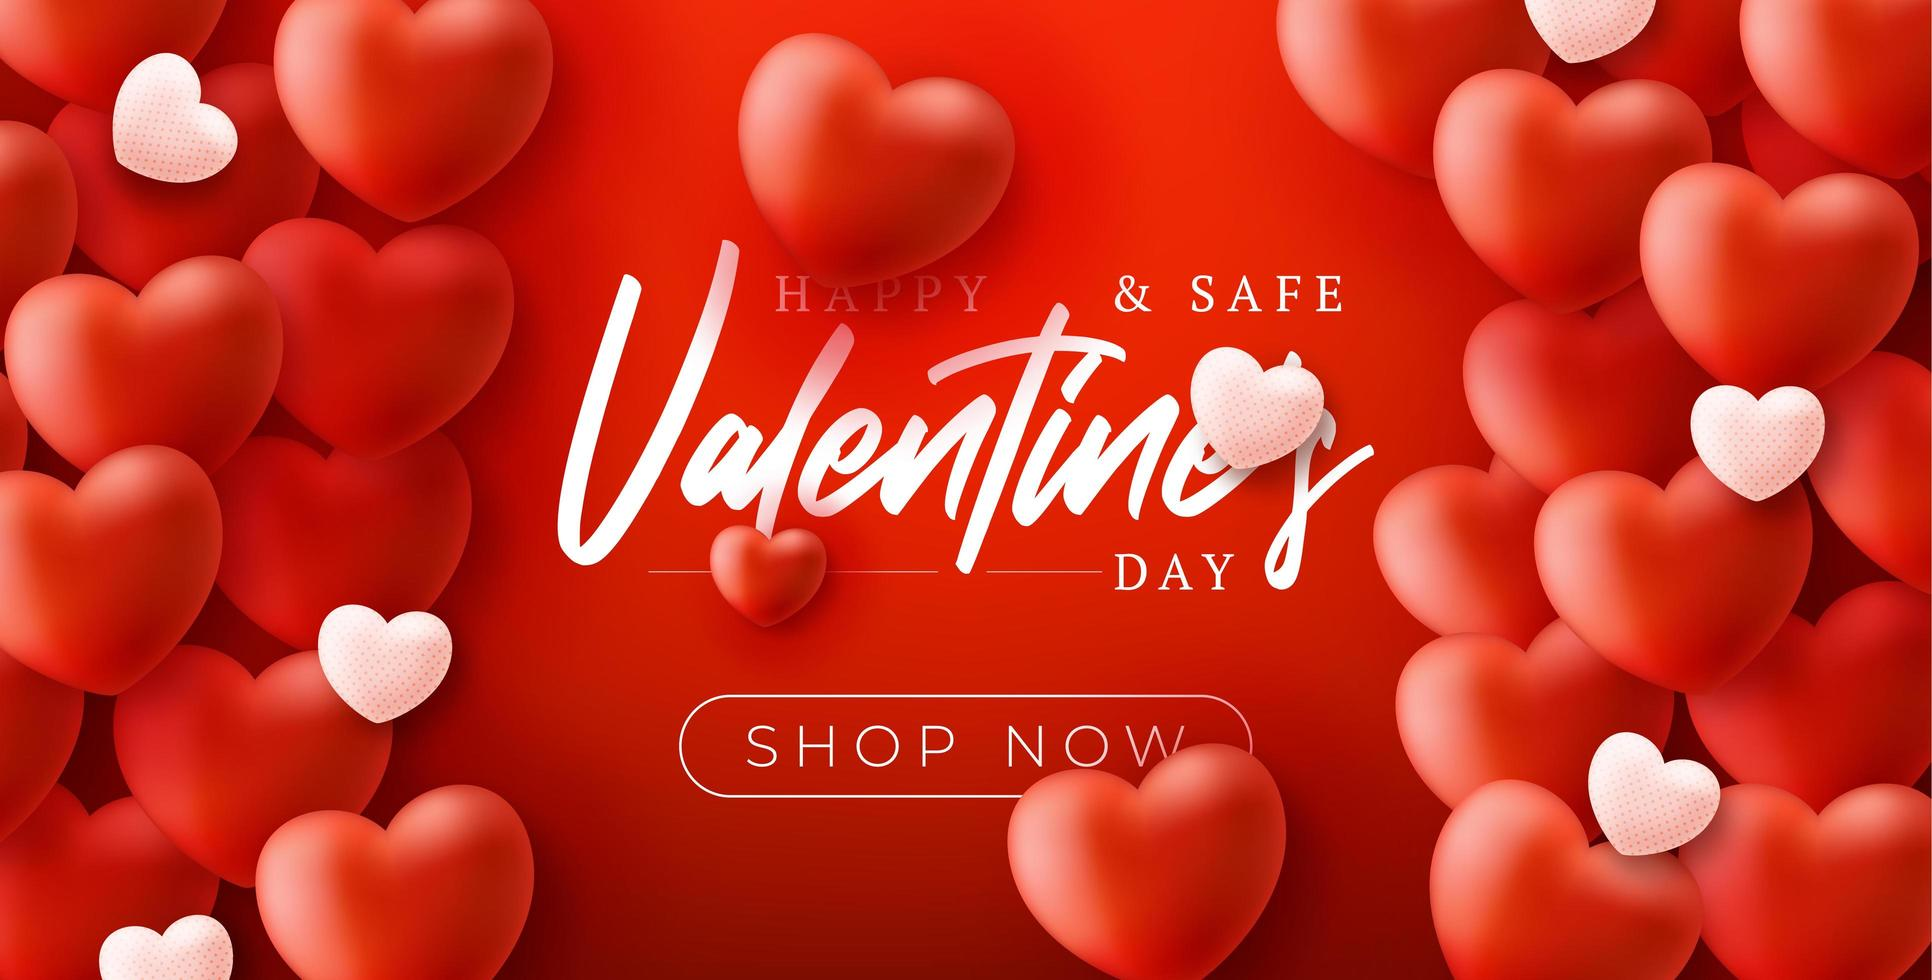 fond de vente de saint valentin heureux et sûr vecteur